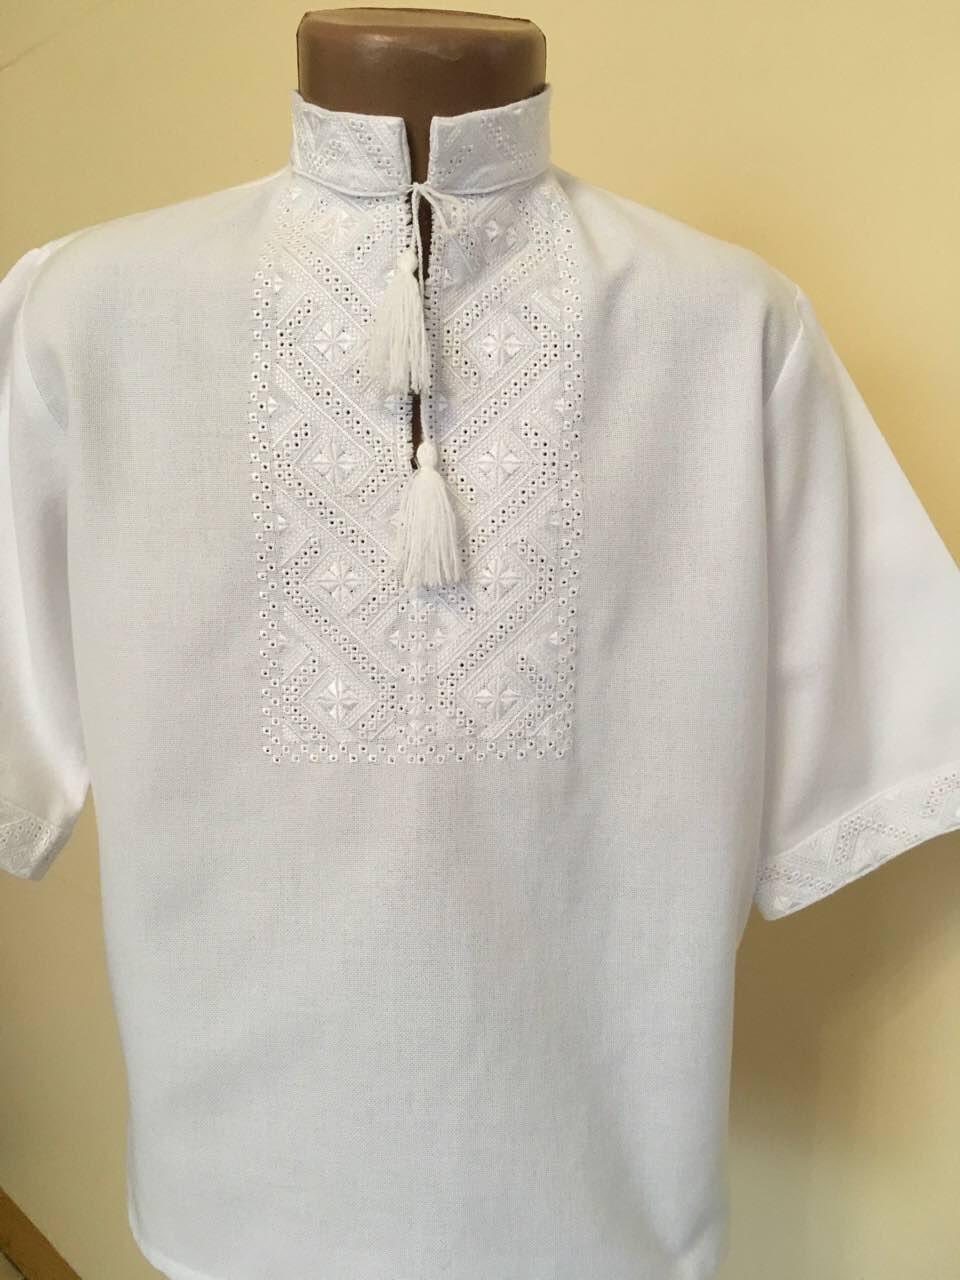 Біла вишита сорочка для хлопчика домоткане полотно на 3-4 роки ... c16dc76946f35